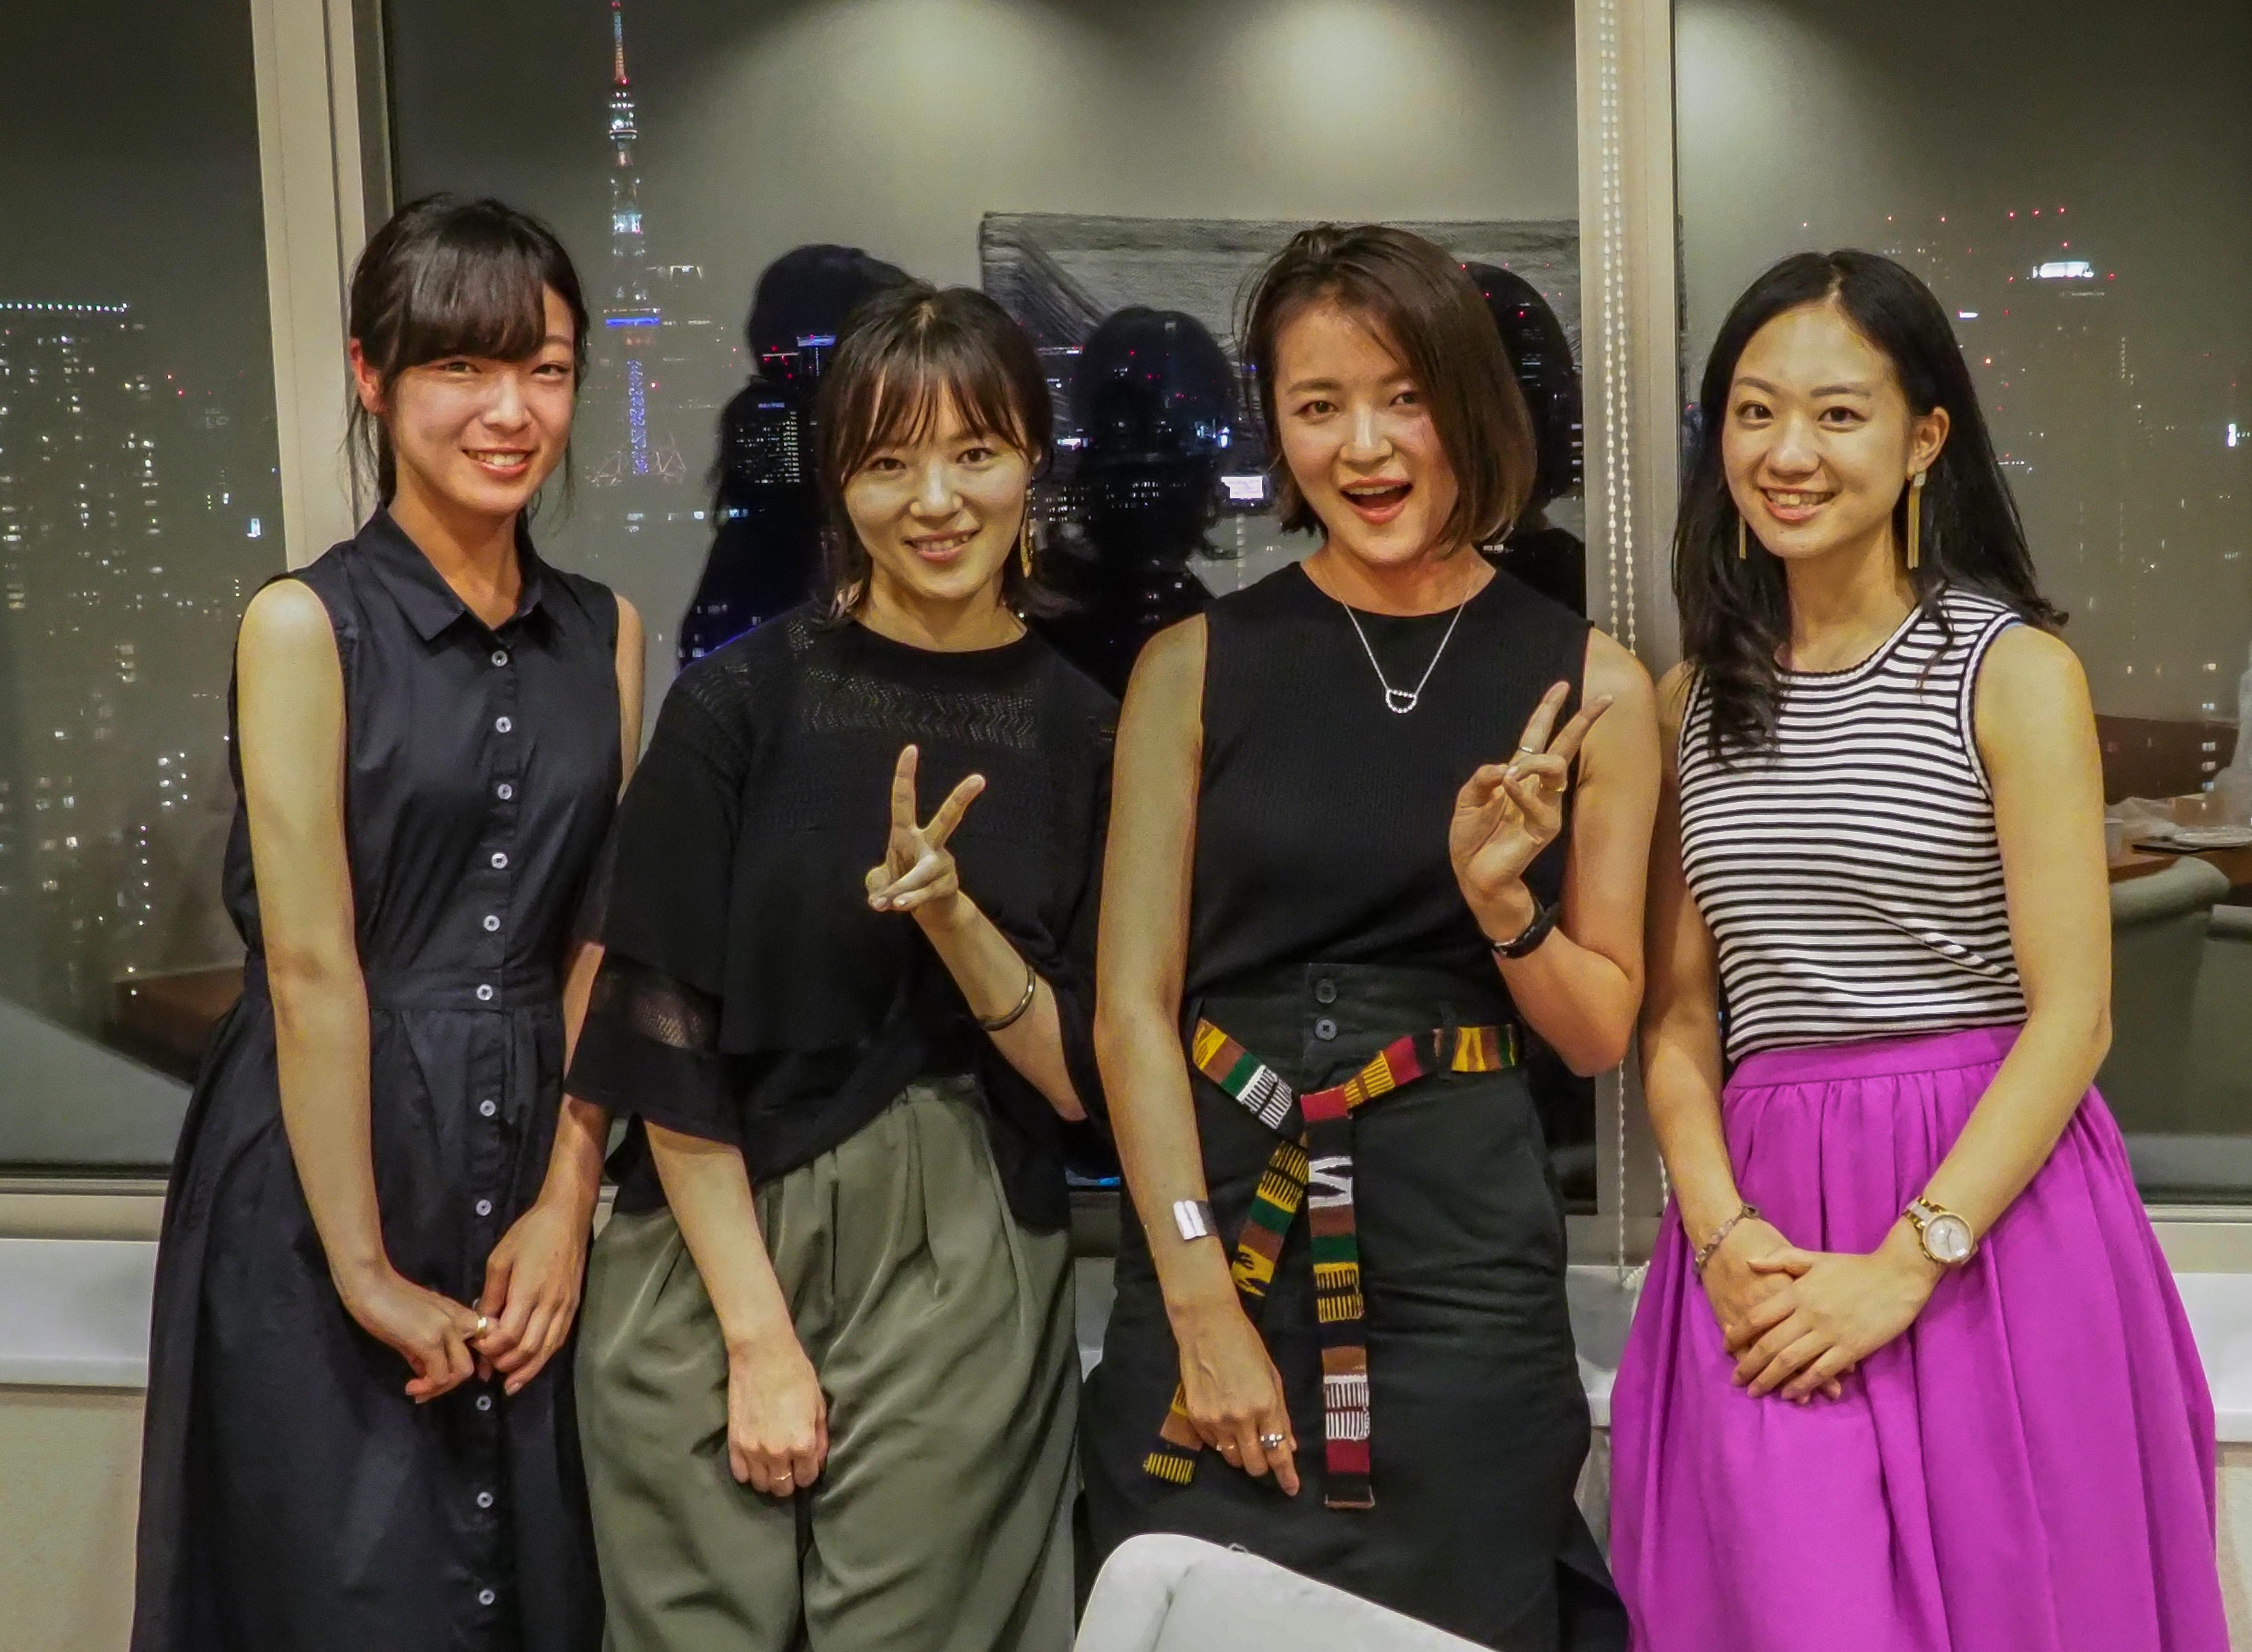 平澤彩さん(姉)と平澤梢さん(妹)4